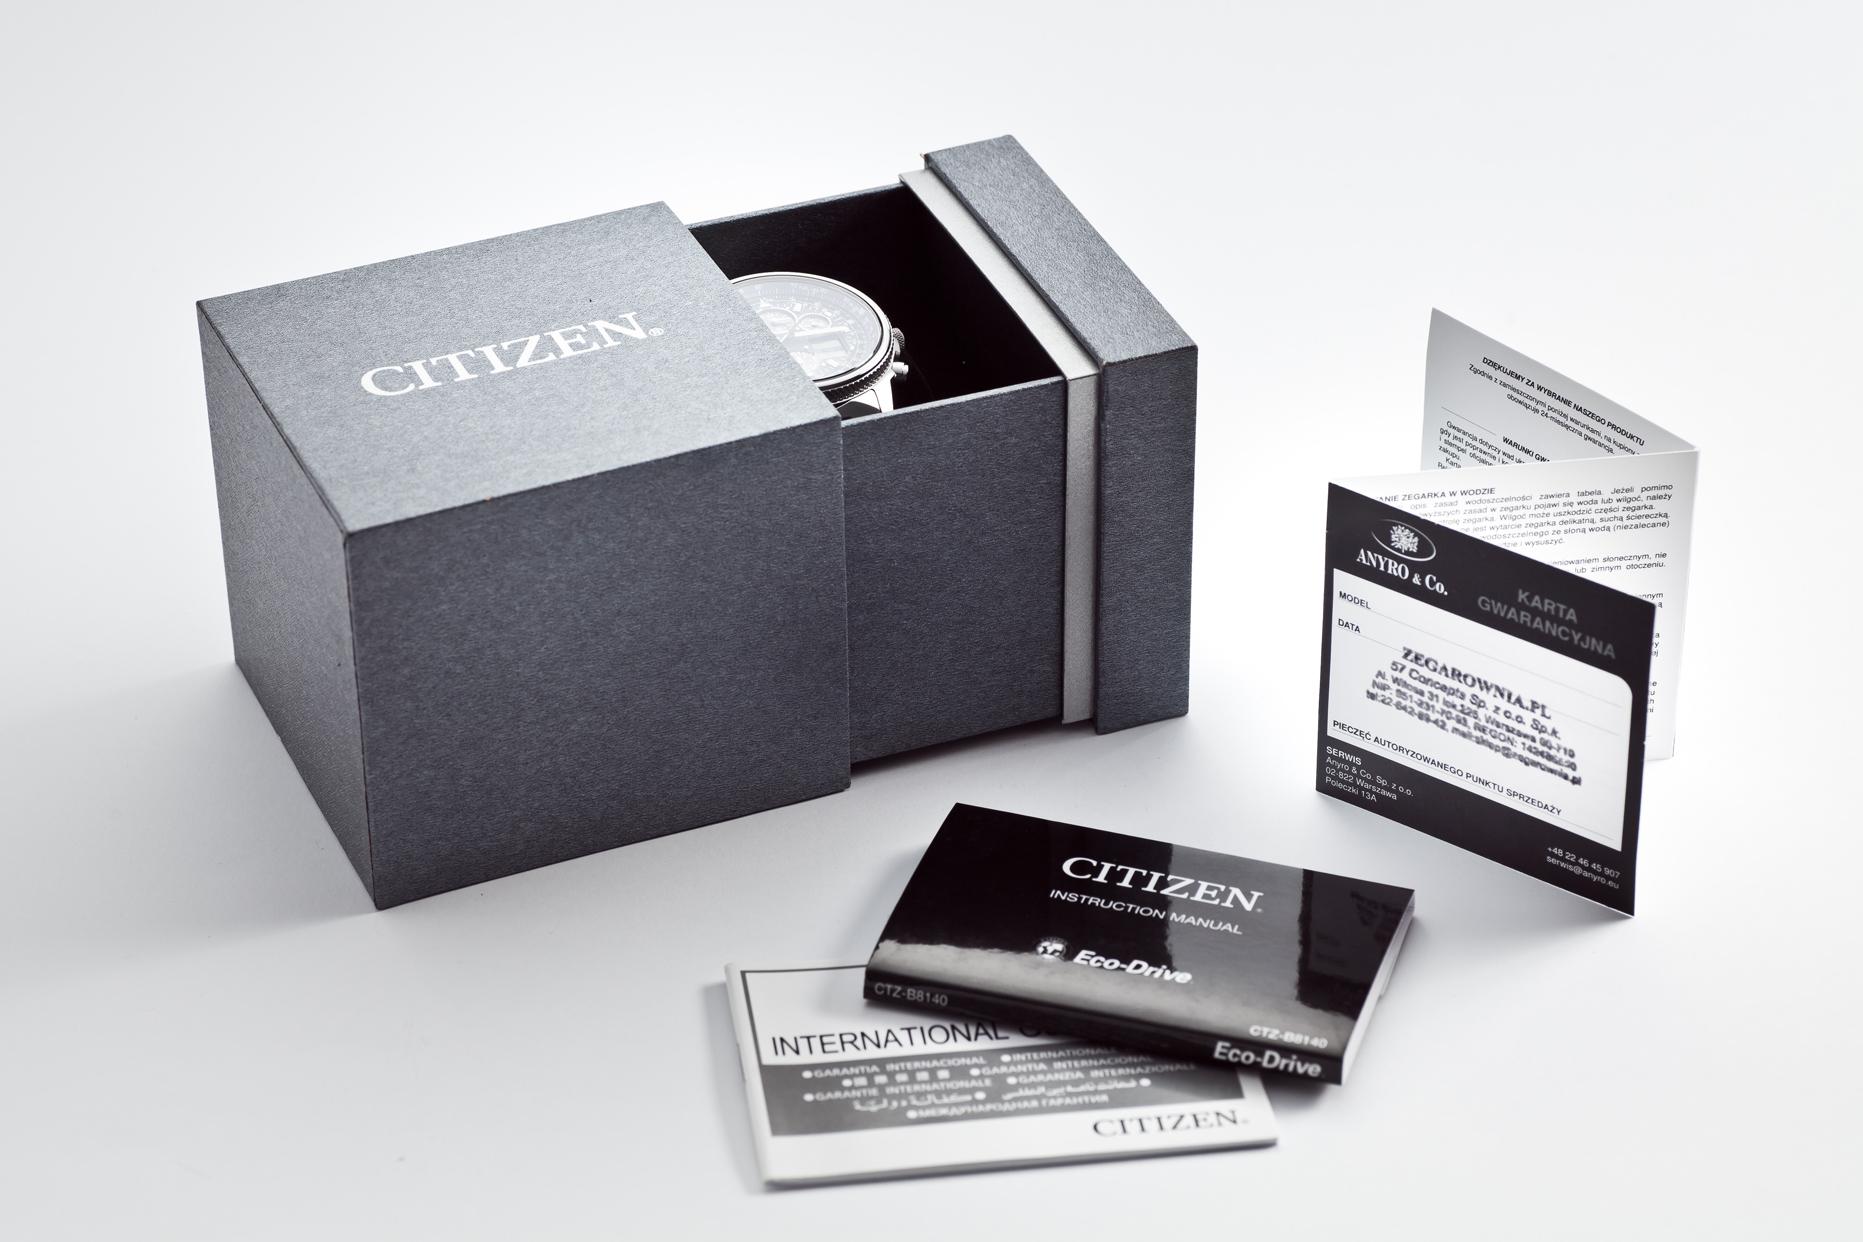 Pudełko Citizen